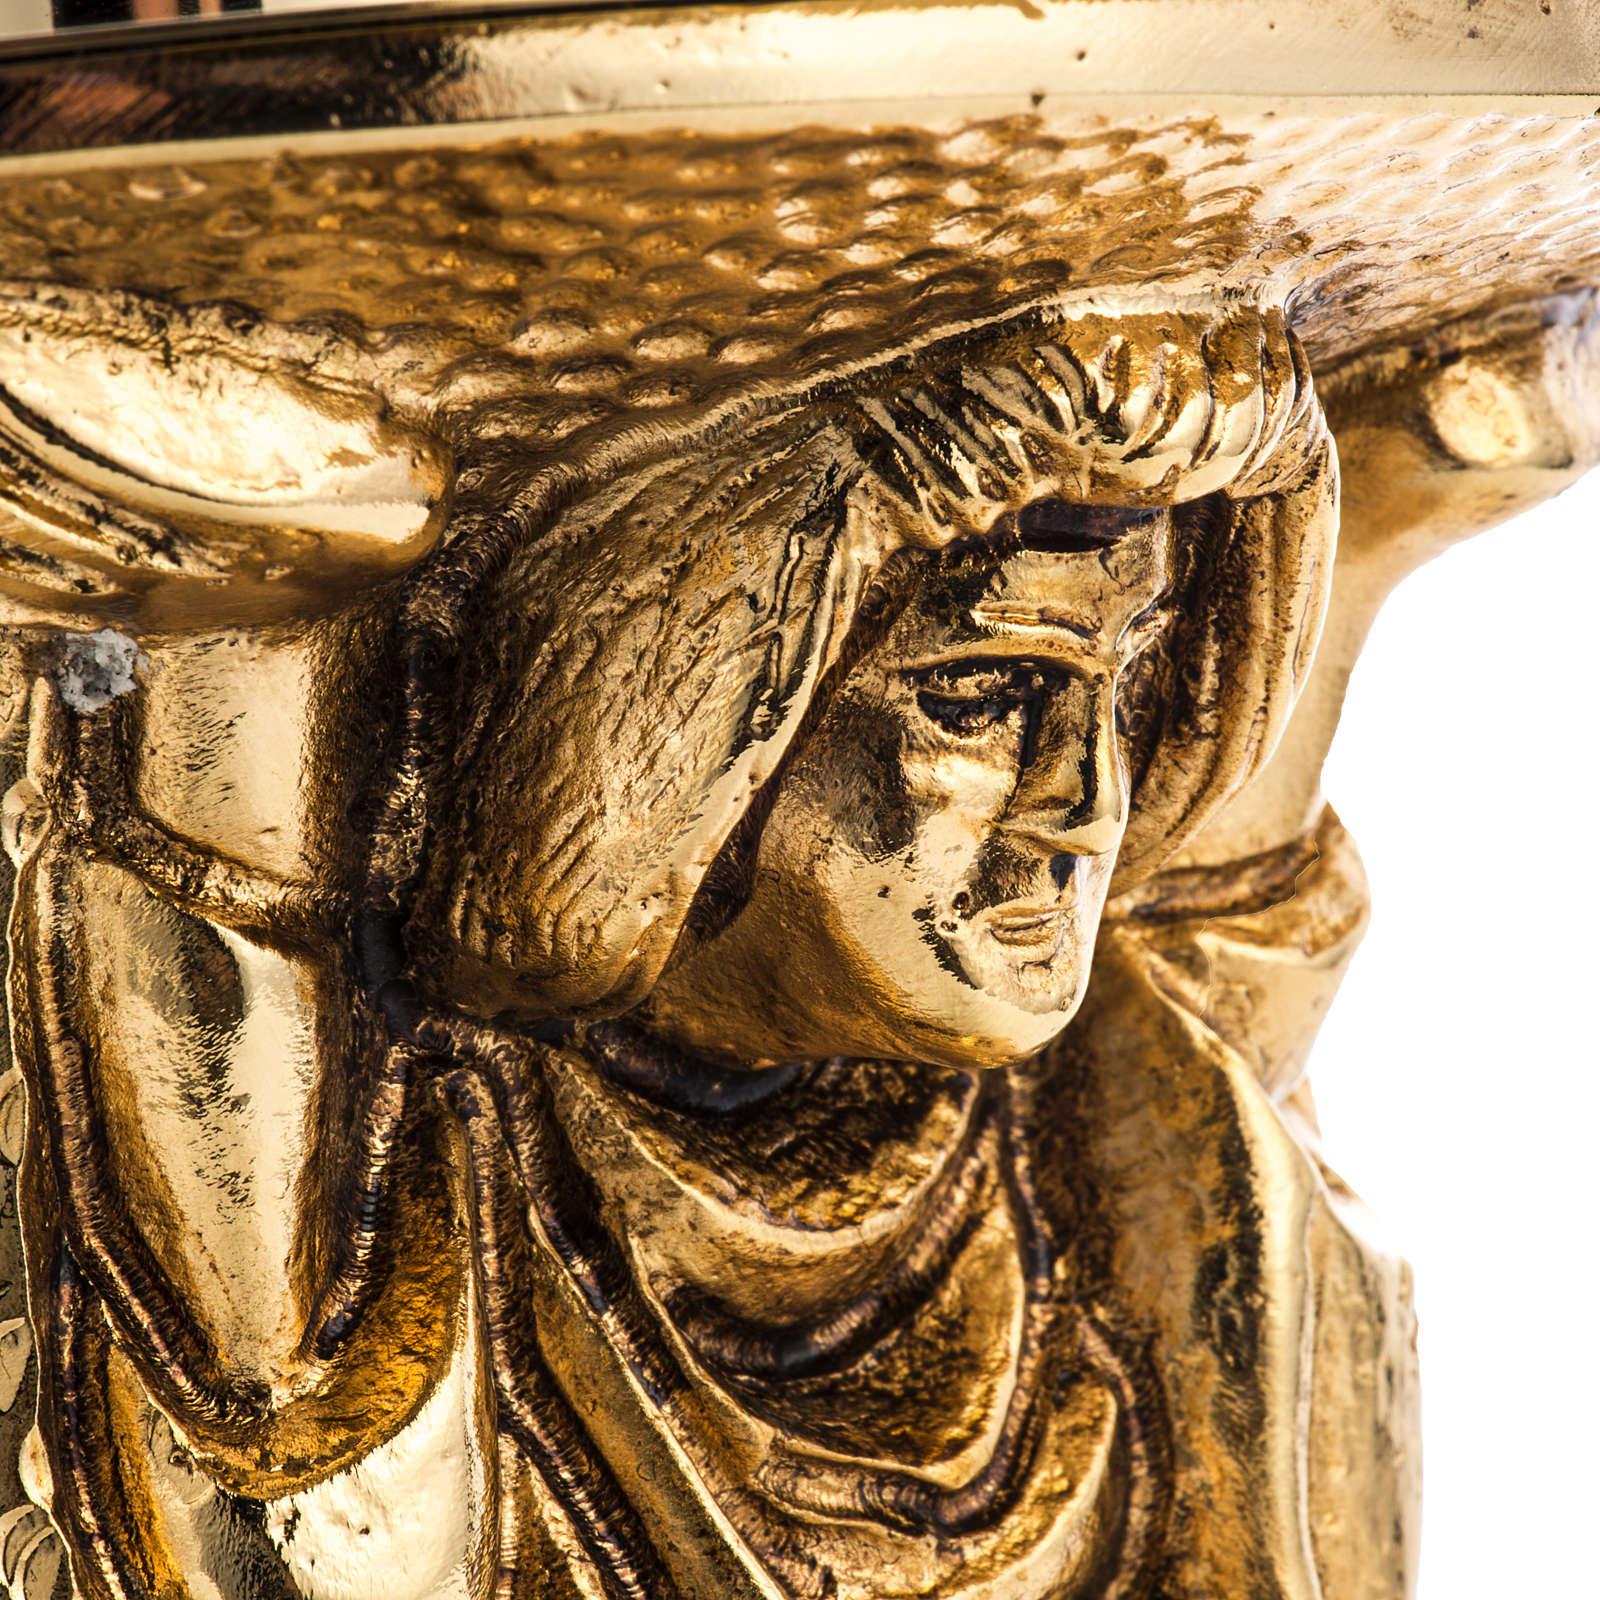 Candlestick made of cast brass 4